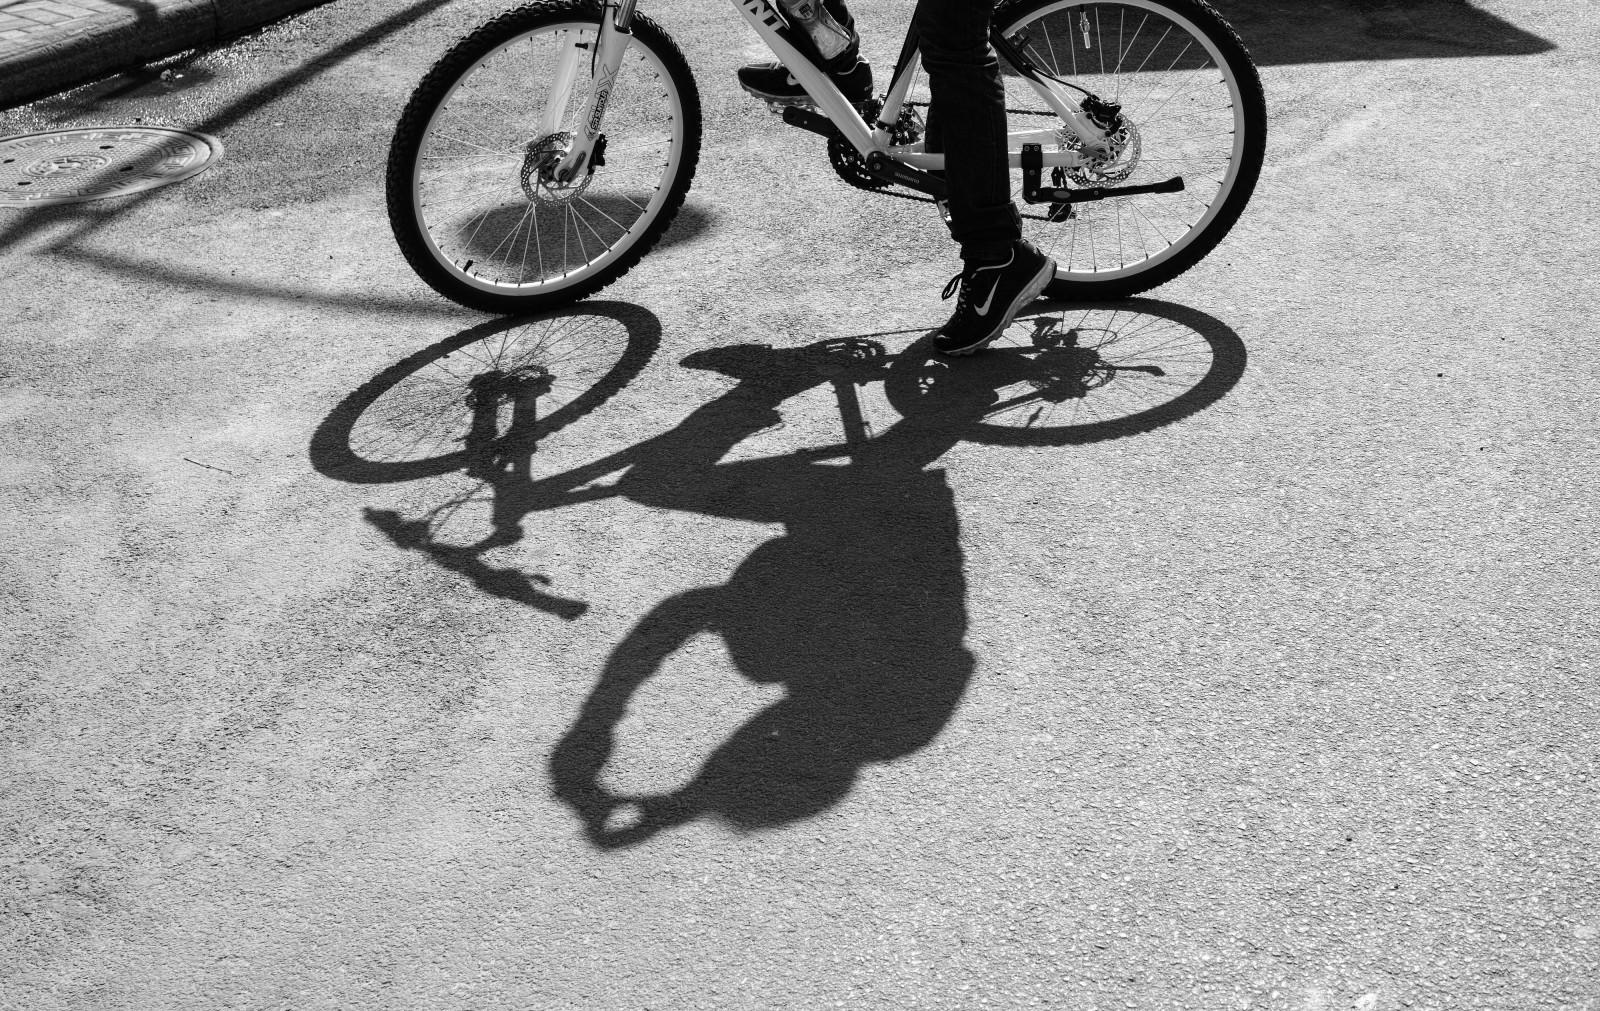 Hintergrundbilder : schwarz, einfarbig, Stadt, Straße, Schatten ...